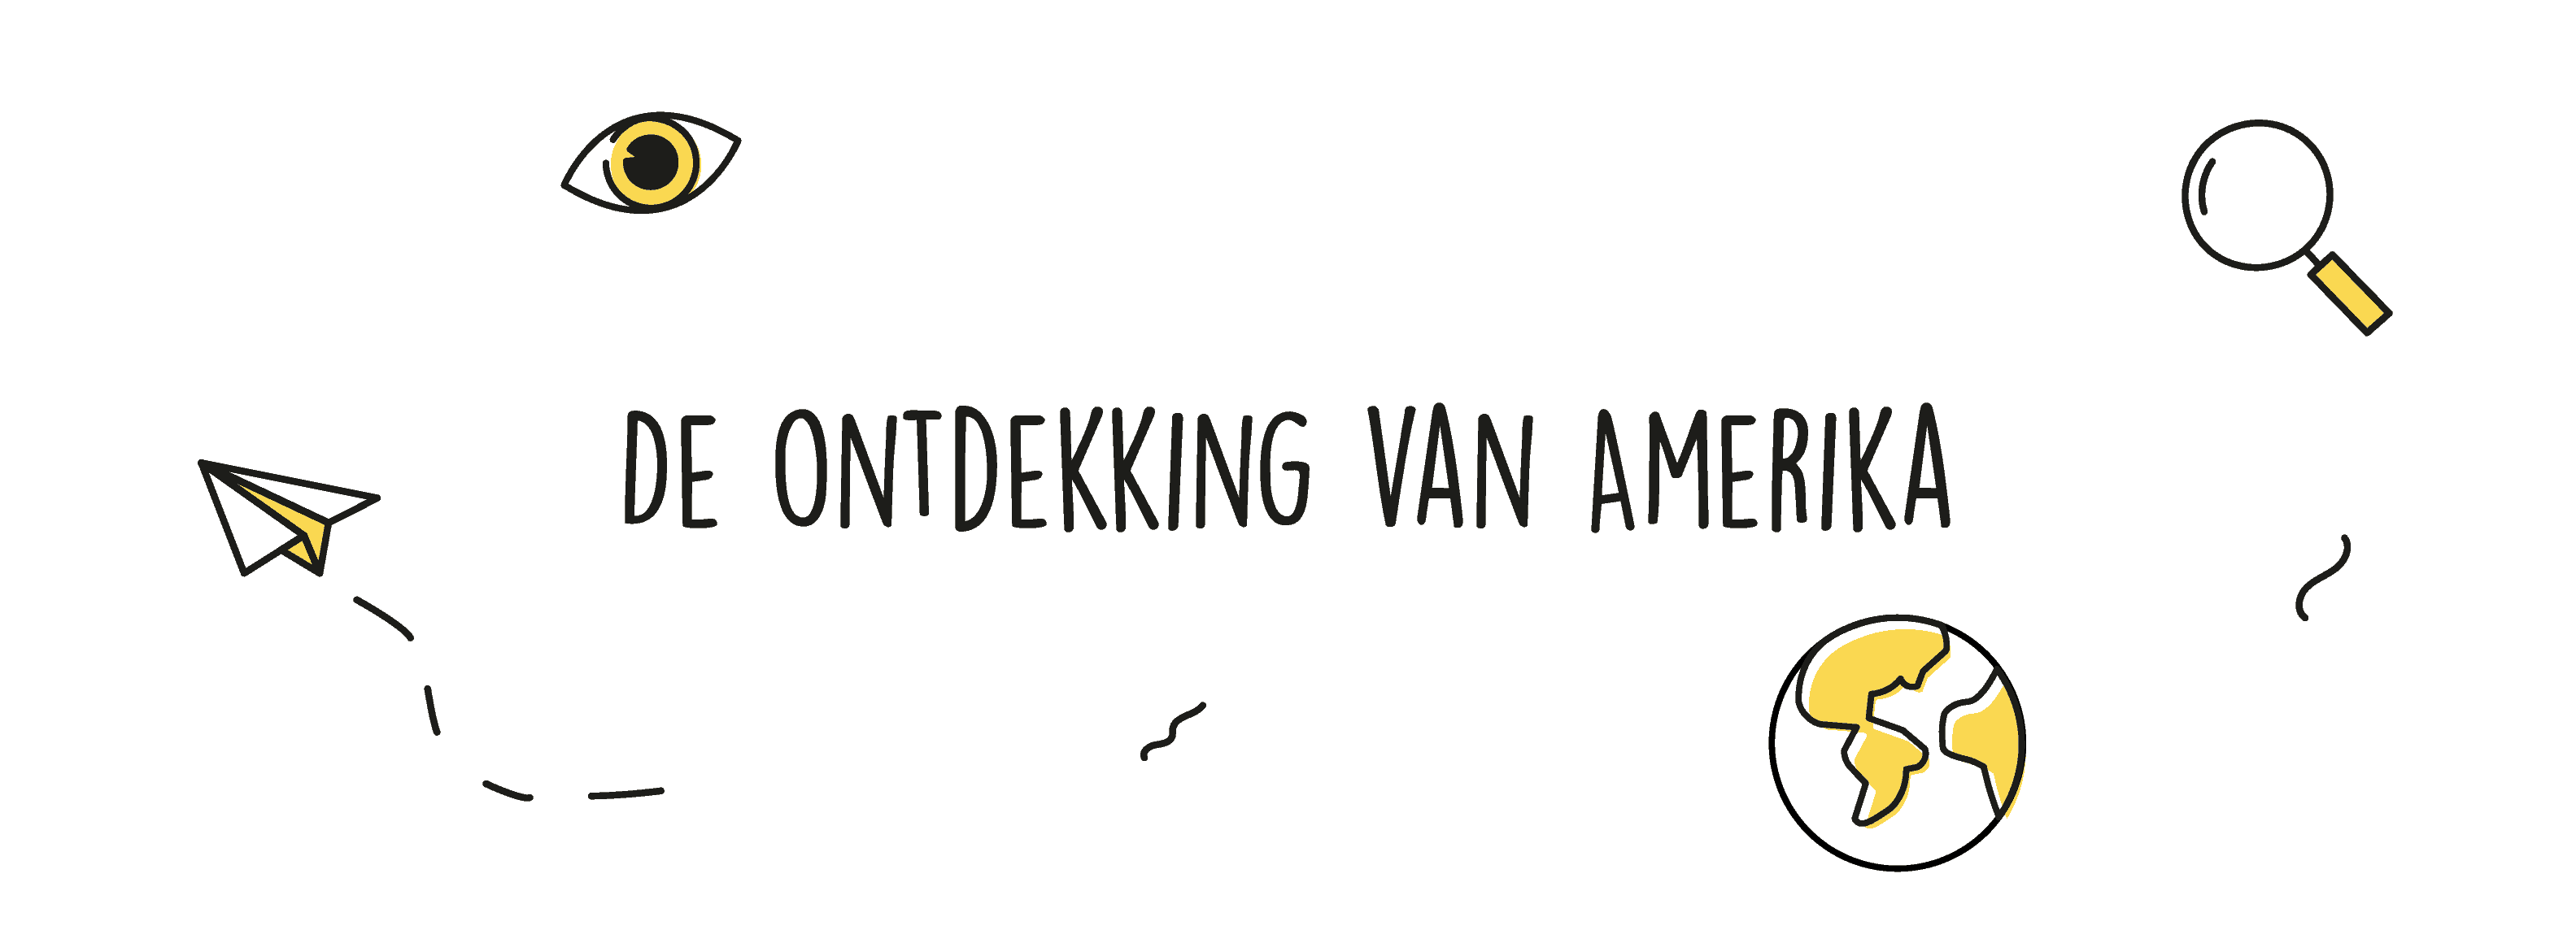 De ontdekking van Amerika